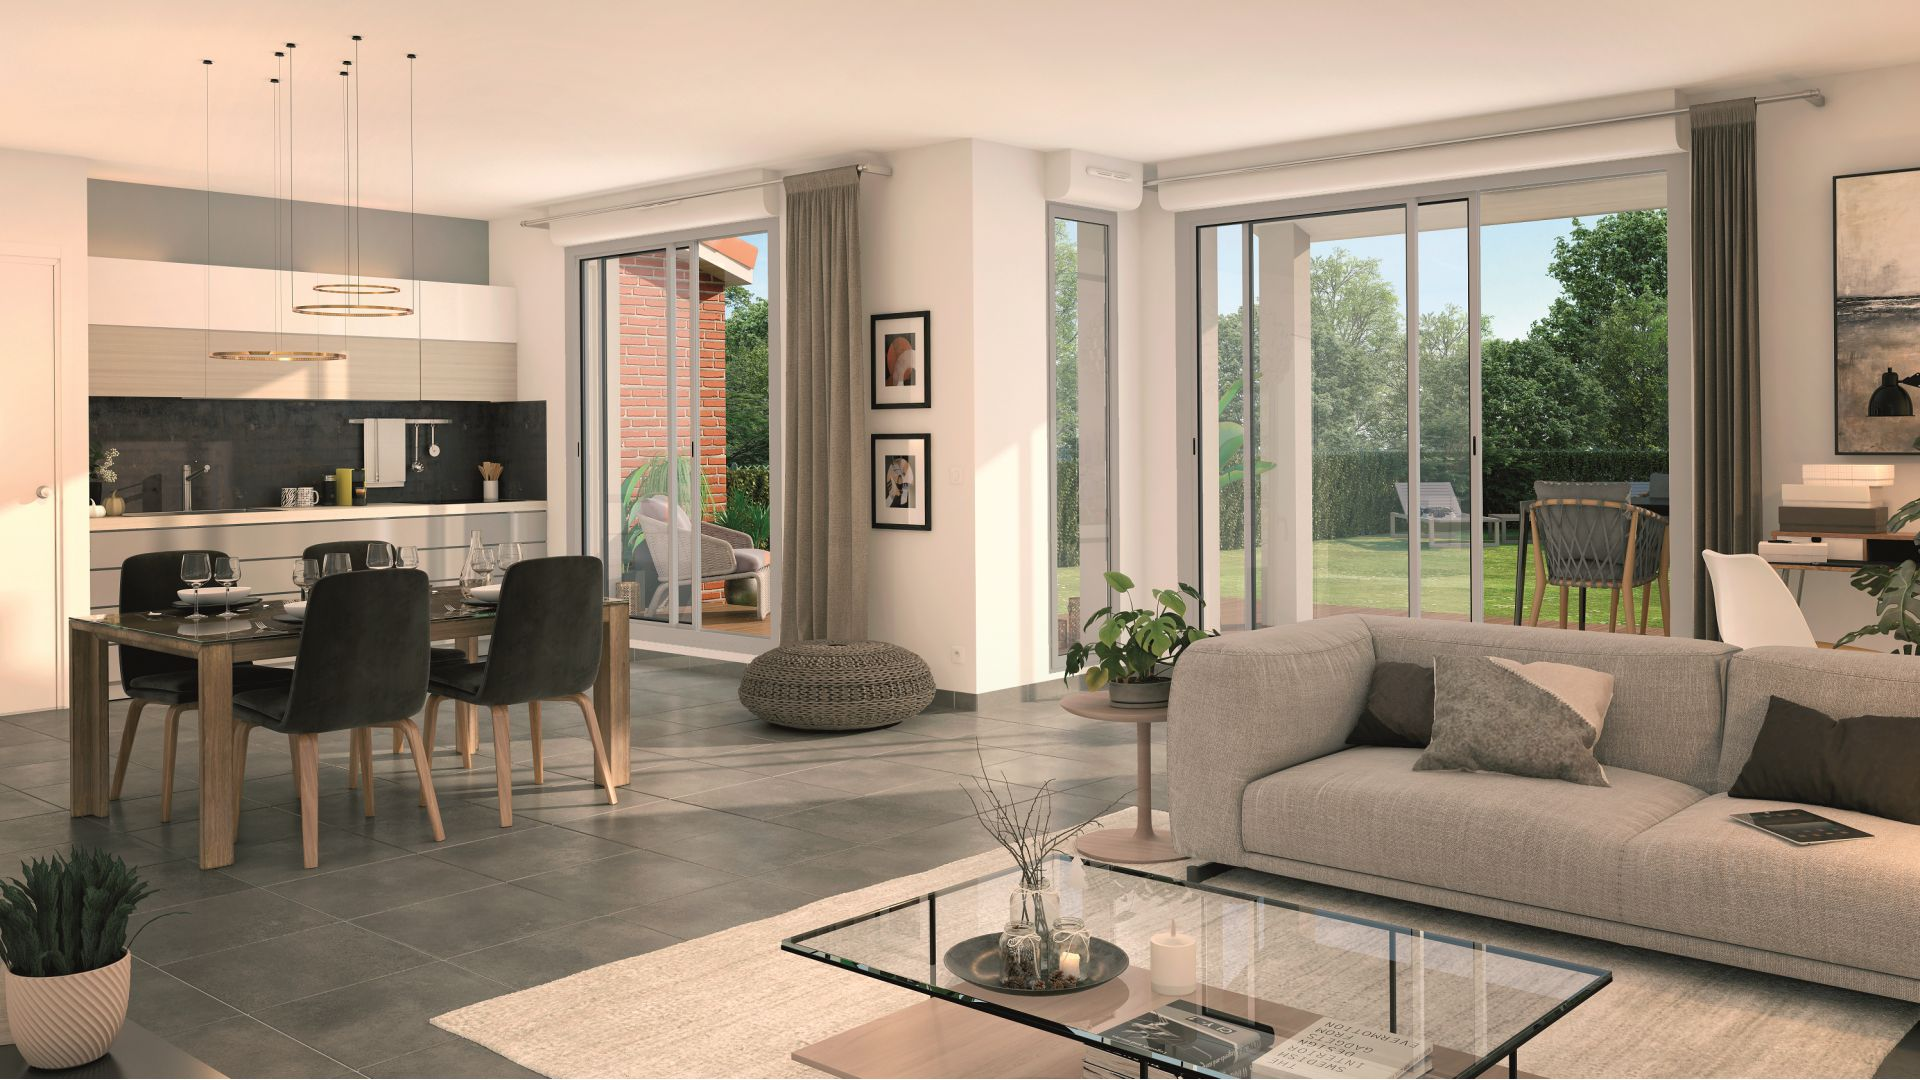 GreenCity immobilier - Tournefeuille 31170 - Résidence Parc Rimbaud - appartements et villas neufs du T2 au T5 - intérieur villa T4